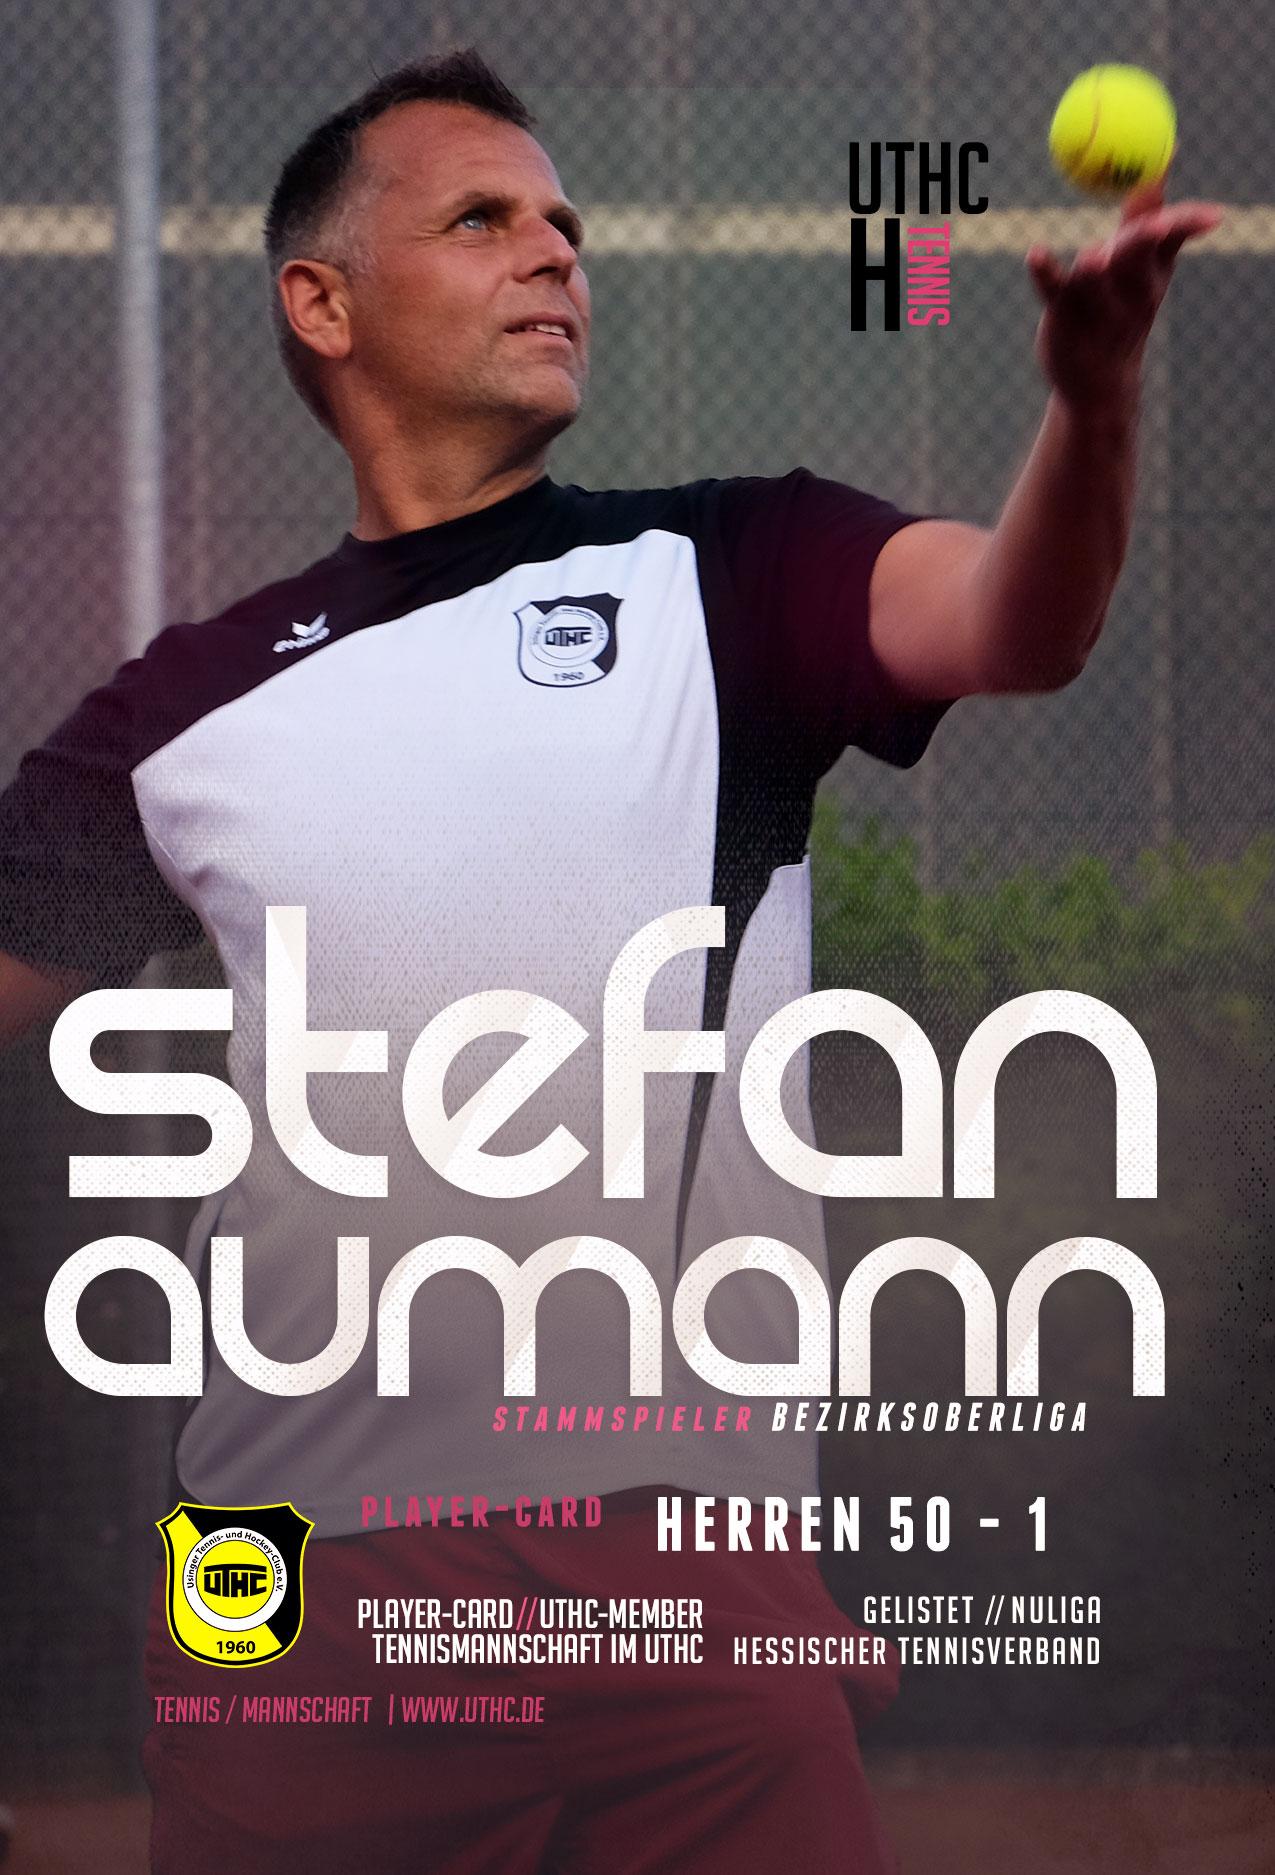 Tennis Spielerportrait 2017: Stefan Aumann / Bezirksoberliga / Herren 50 / Erste Mannschaft / UTHC